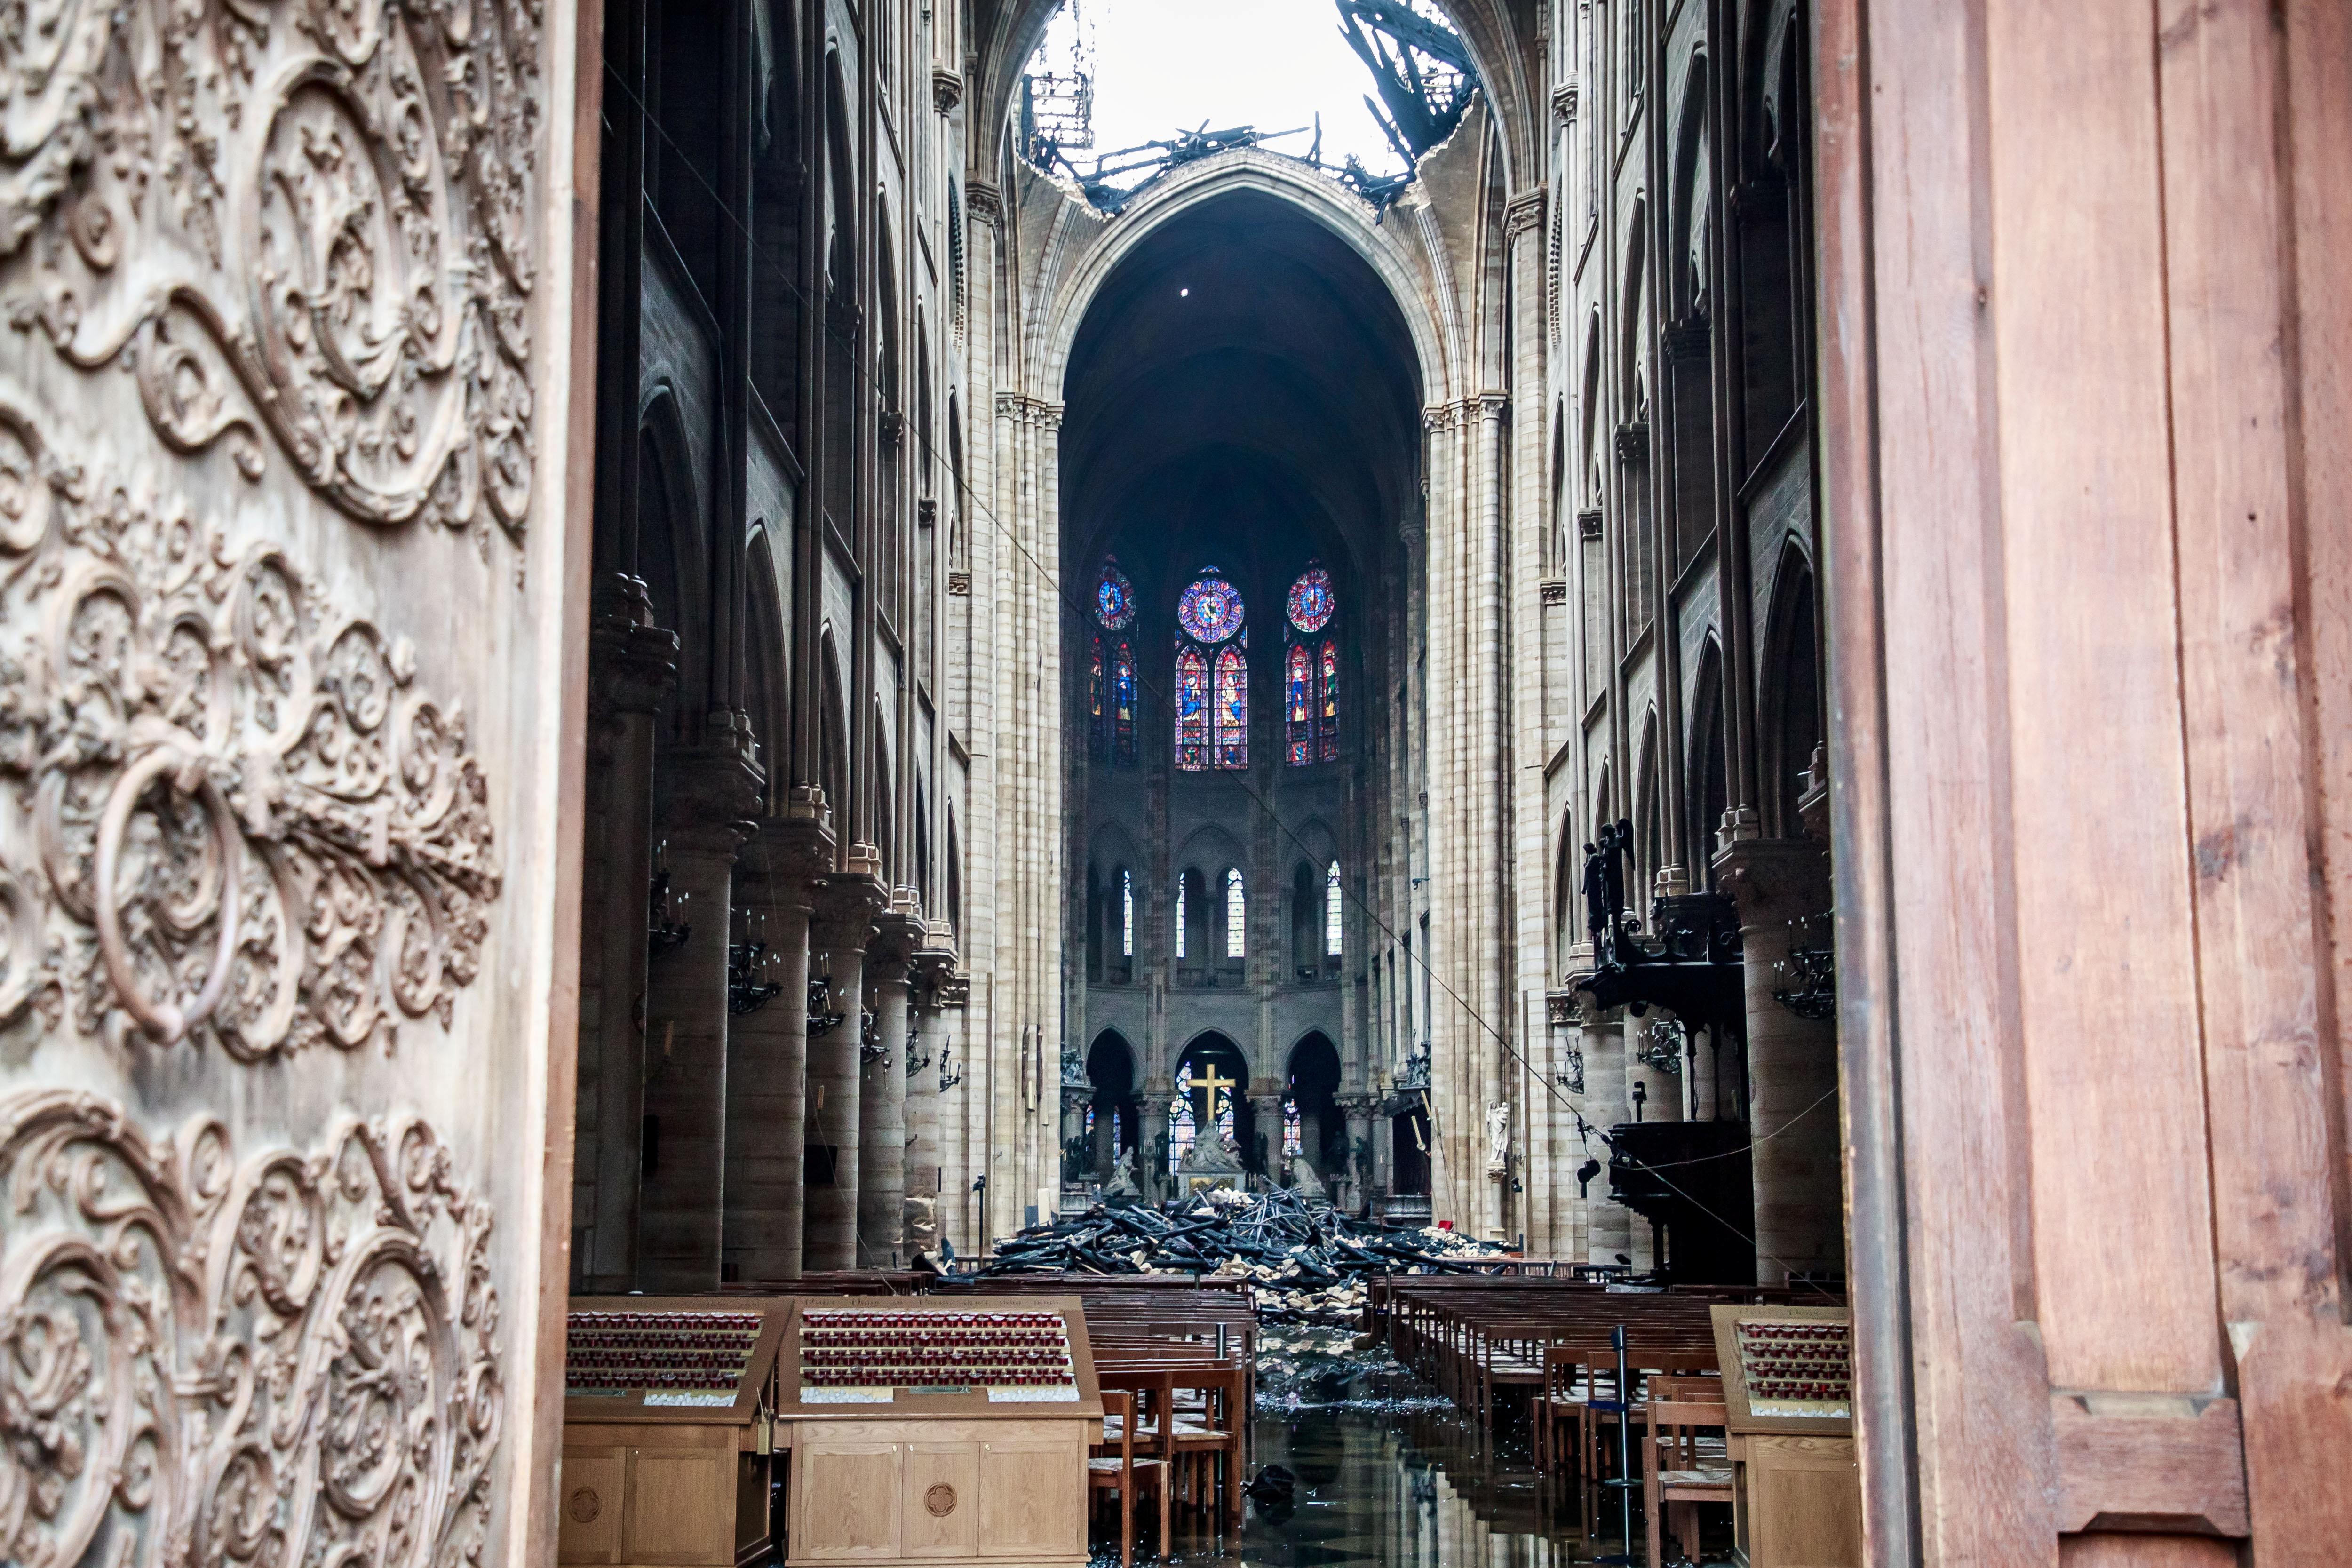 جانب من الدمار الذى حل بالكاتدرائية (6)